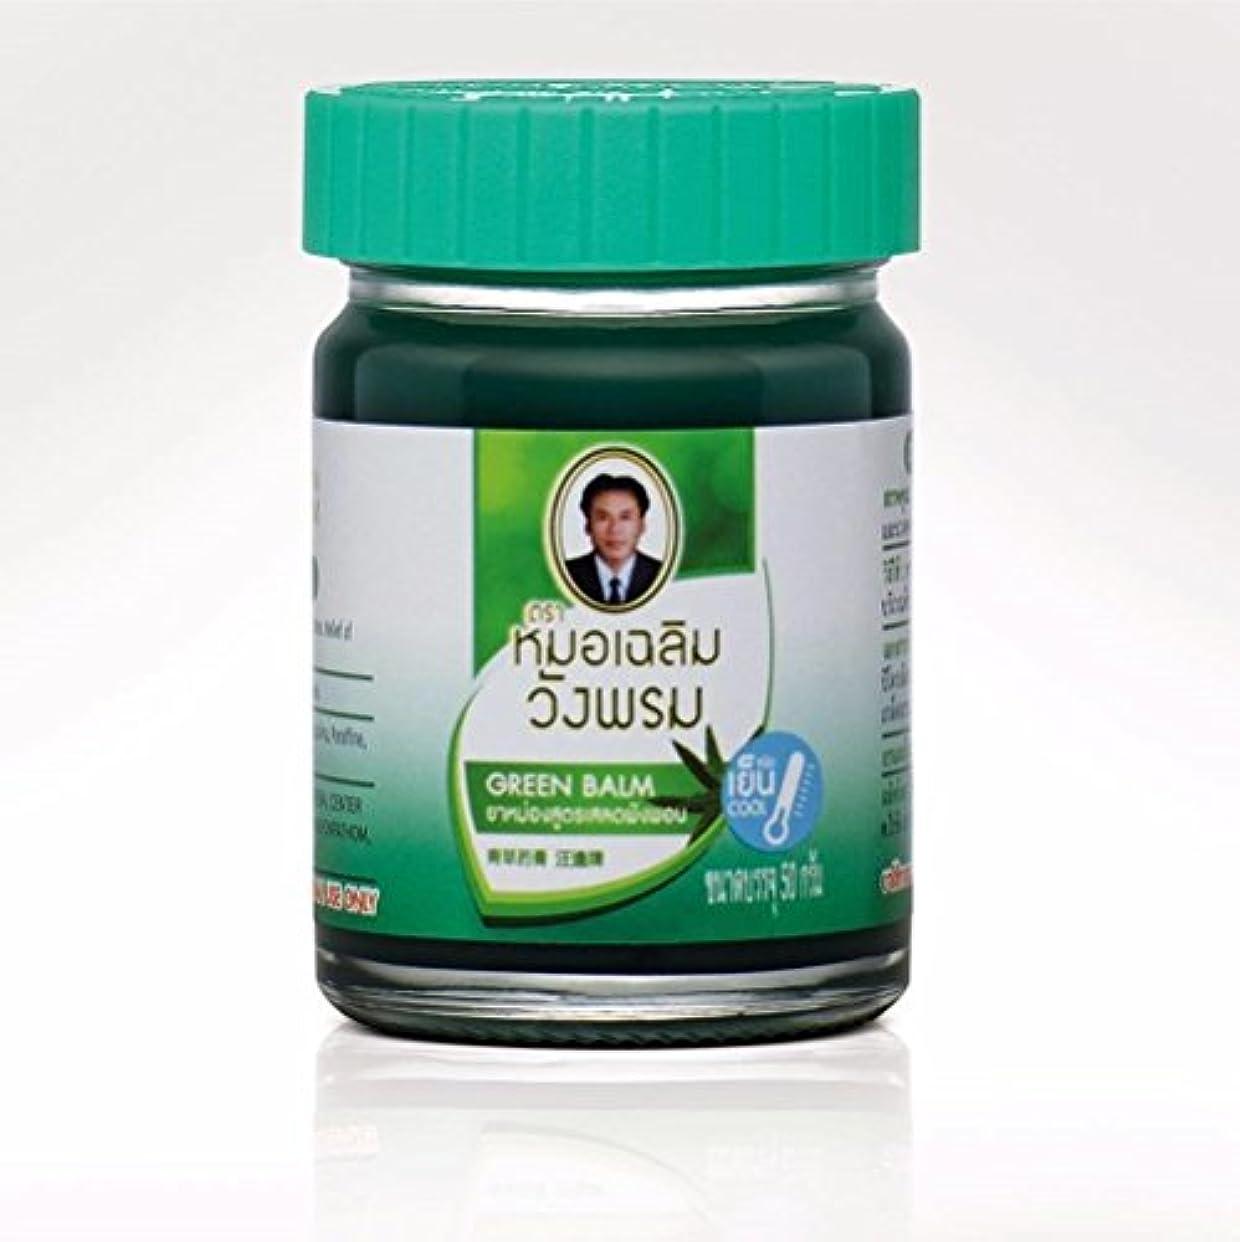 ハグその間列車50G.Wangphrom Thai Herbal Balm Massage Body Relief Muscle Pain,Thai Herb Green Balm (COOL) size 50 gram..(2 pc.)